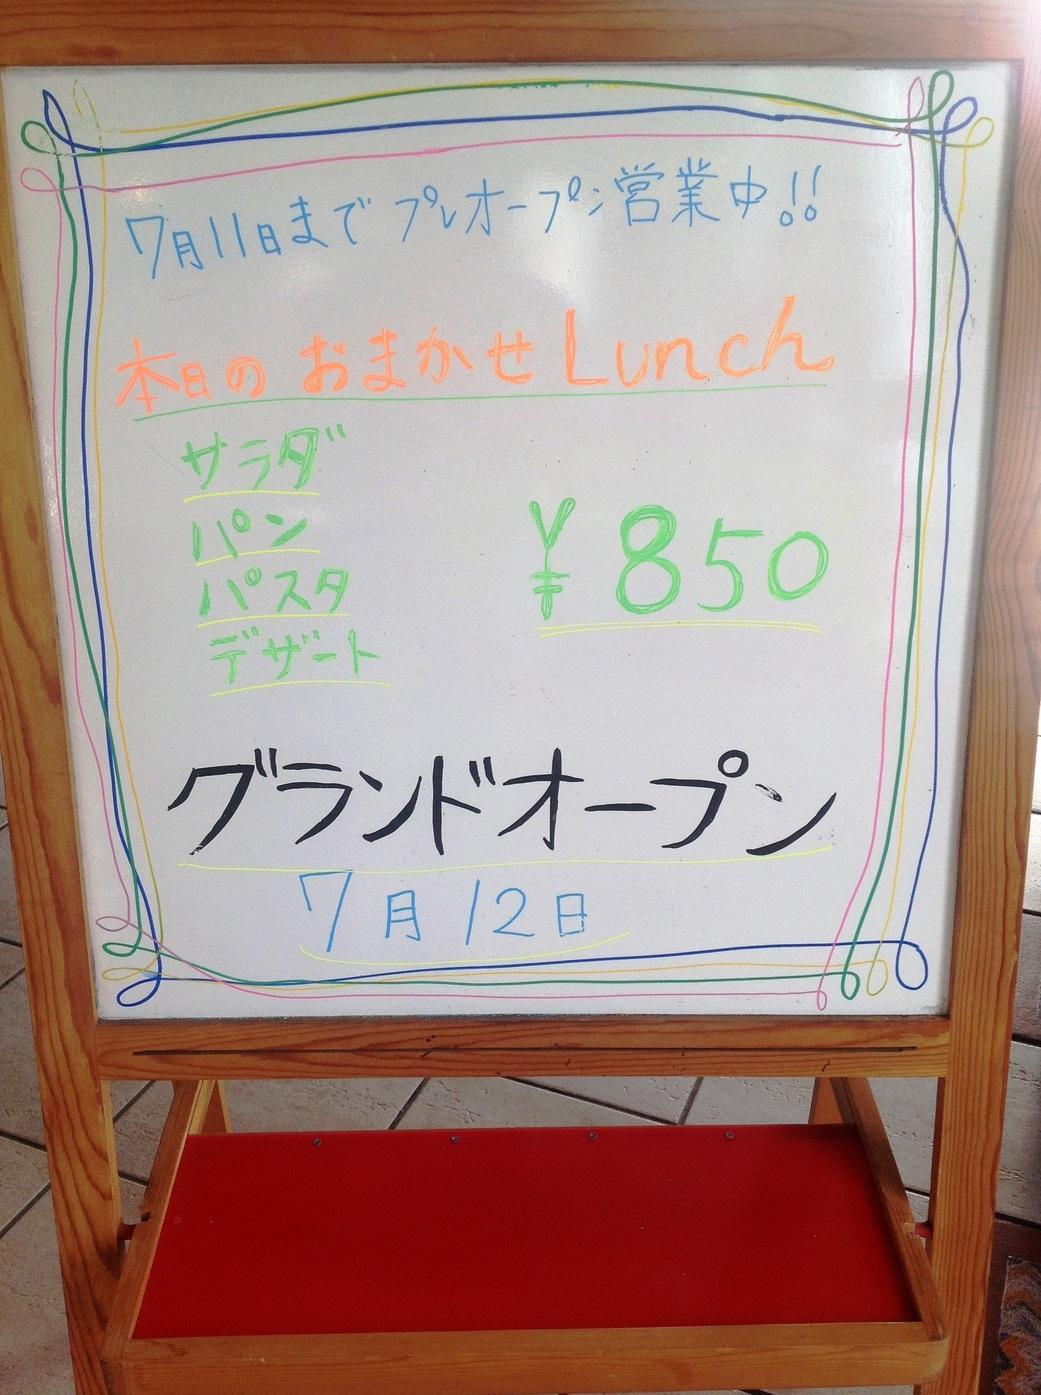 Deckcafe@Shirasaki